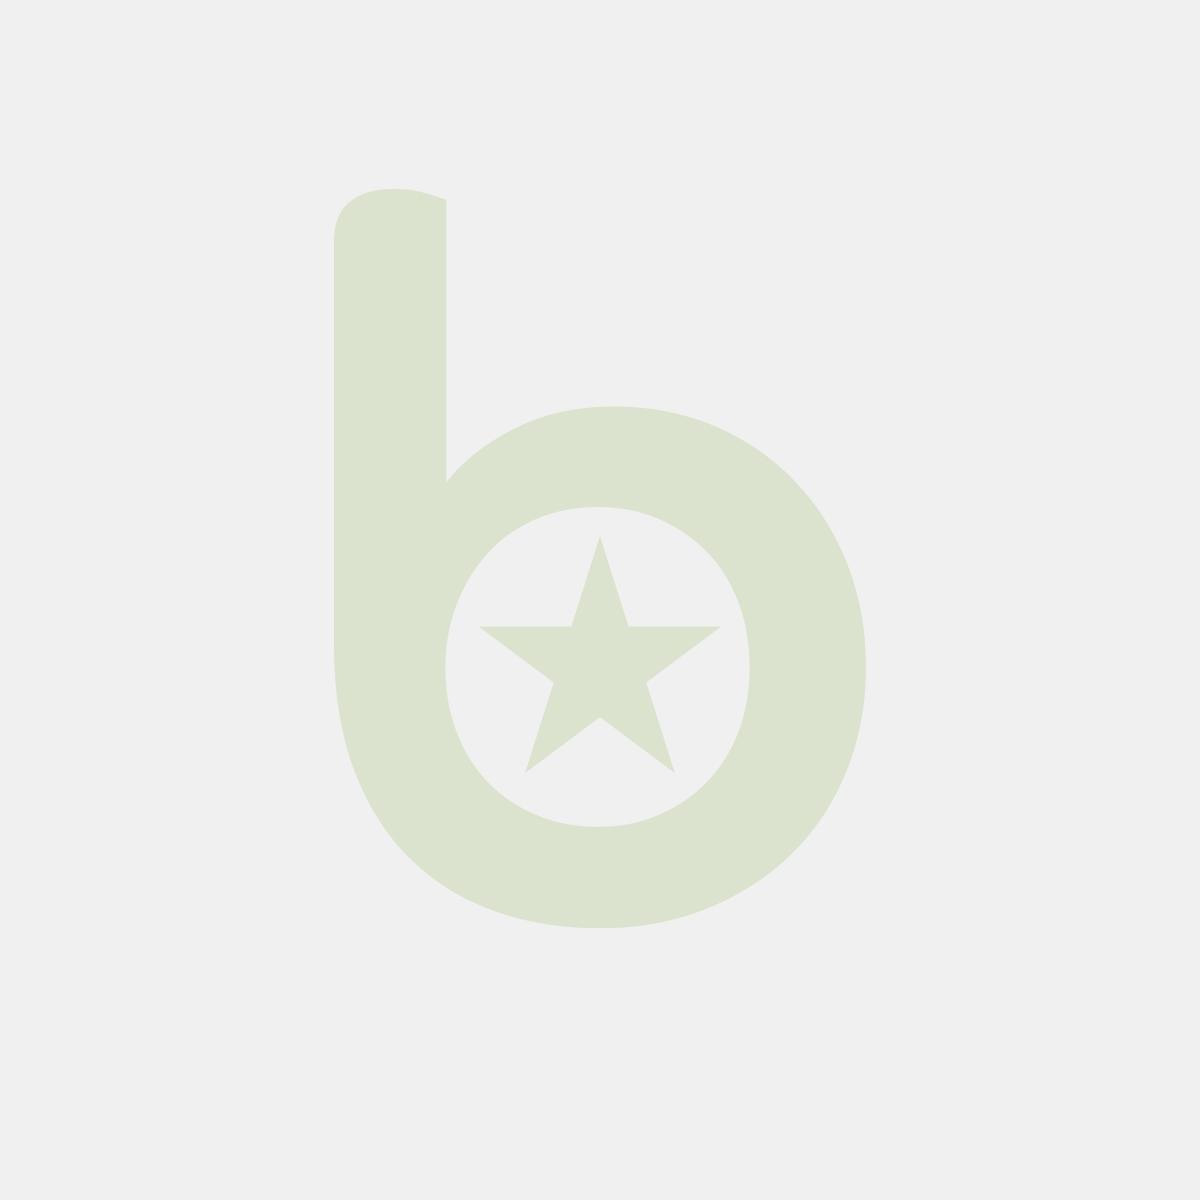 Miseczka kwadratowa 21x21x7 cm biała z melaminy